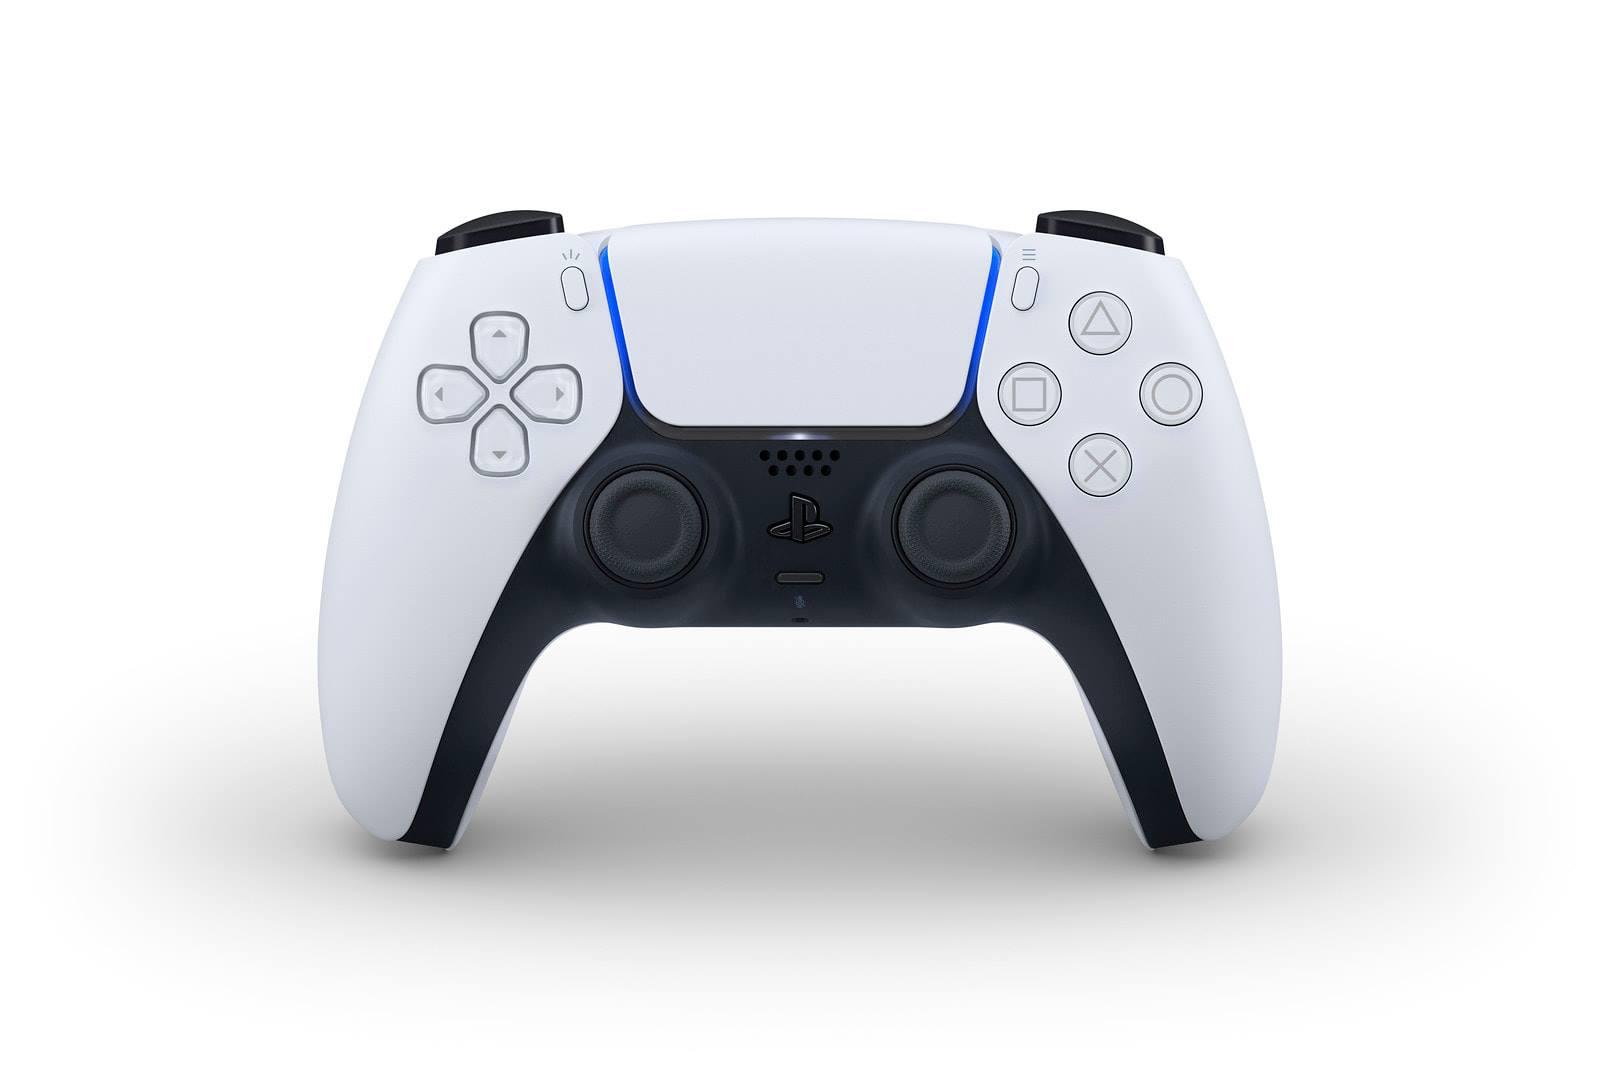 Play Station 5 kontroladorea DualSense sartu da!